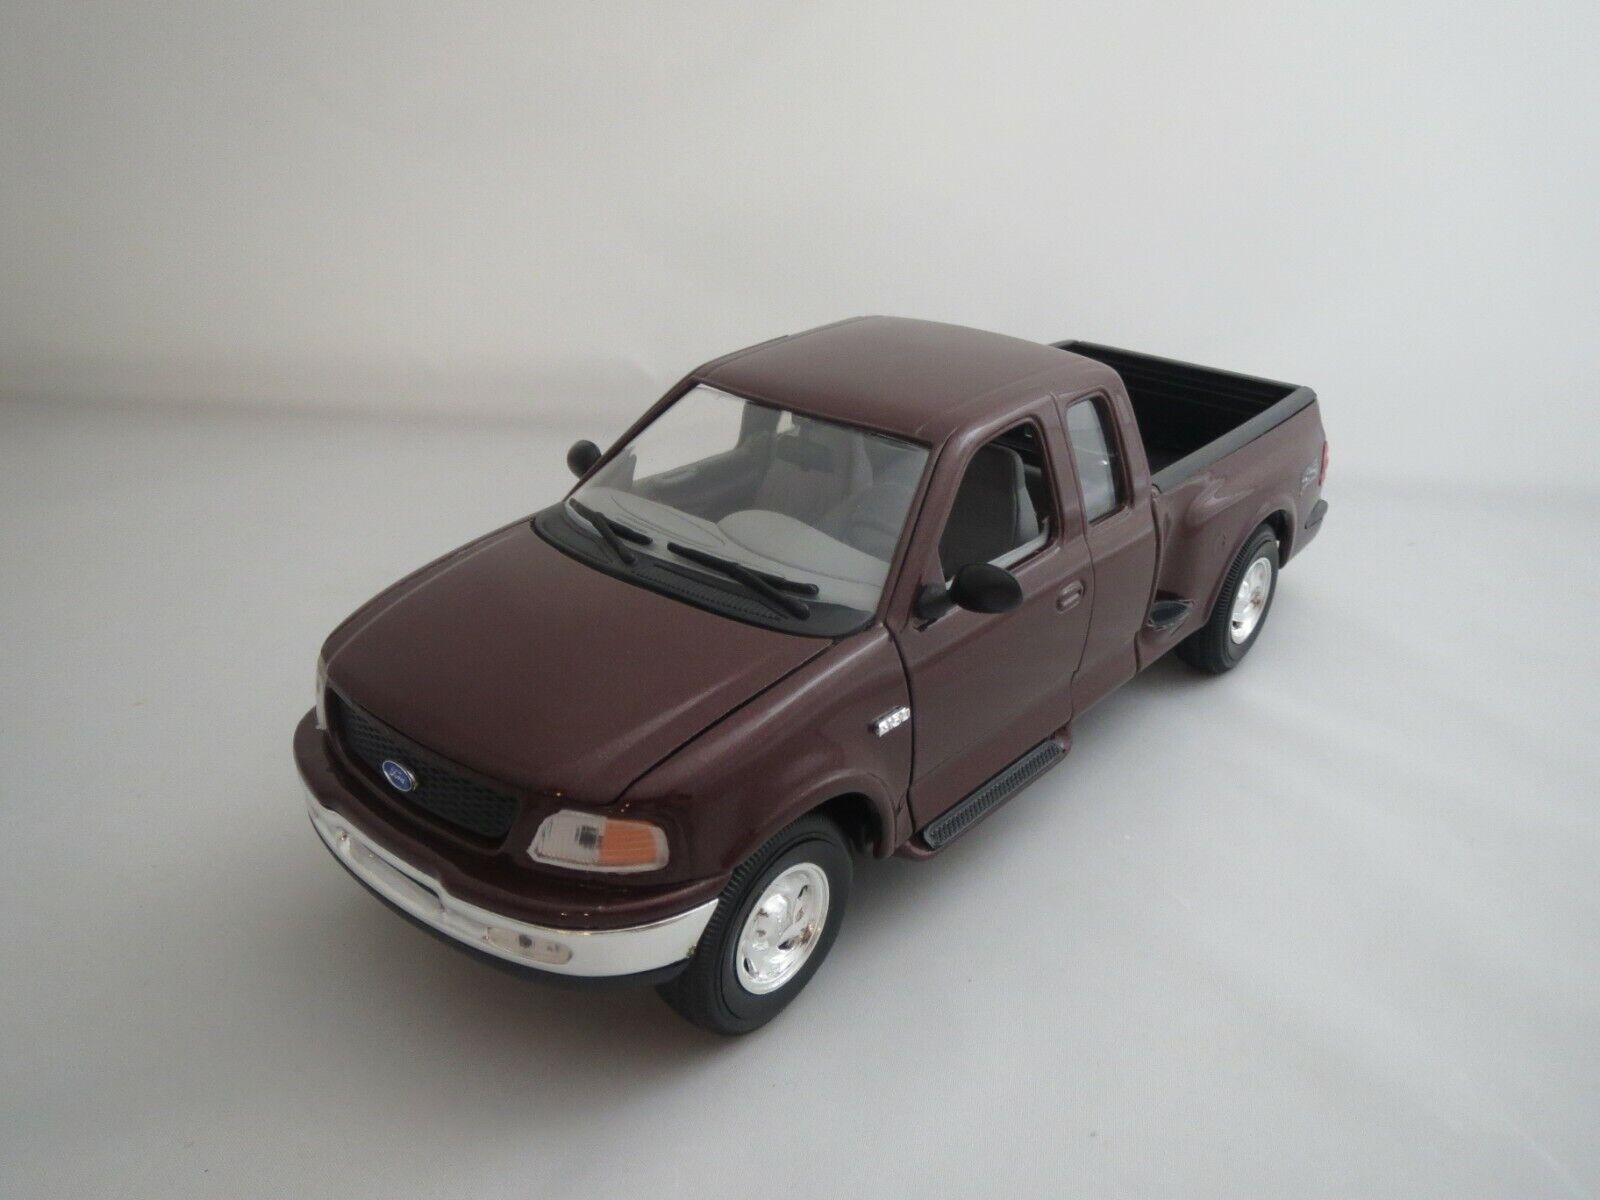 los clientes primero Mira ford f150  1998 1998 1998  (rojo marrón-metalizado) 1 18 sin embalaje   venta al por mayor barato